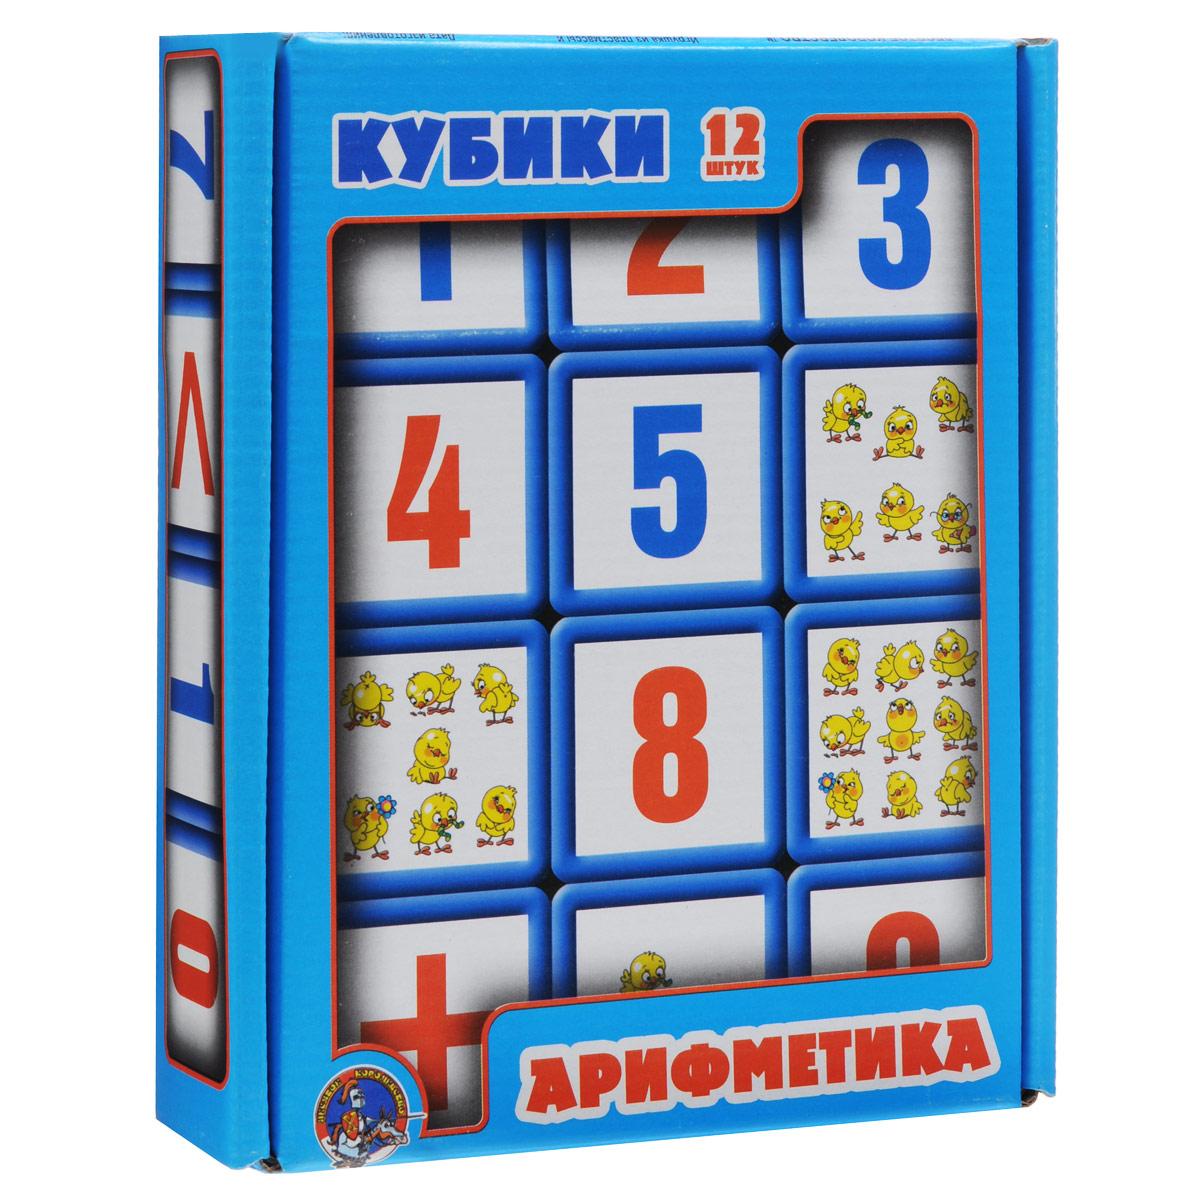 Набор кубиков Арифметика, 12 шт. 00350 пчелко арифметика